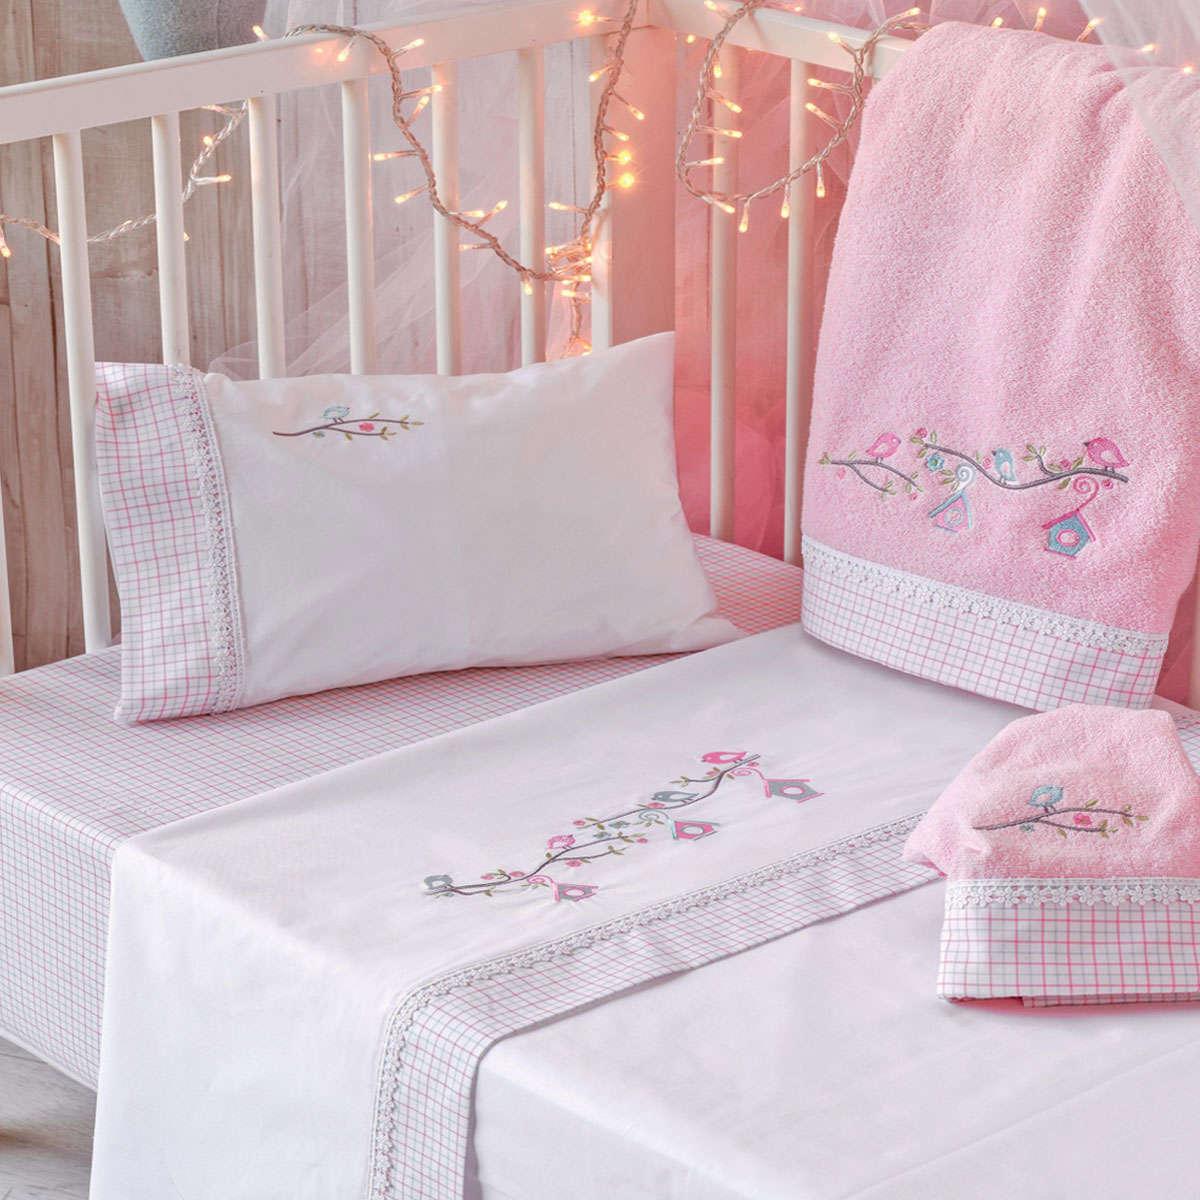 Βρεφικό Σεντόνι Σετ Nest Pink 3 Τεμ. Kentia Κούνιας 120x160cm